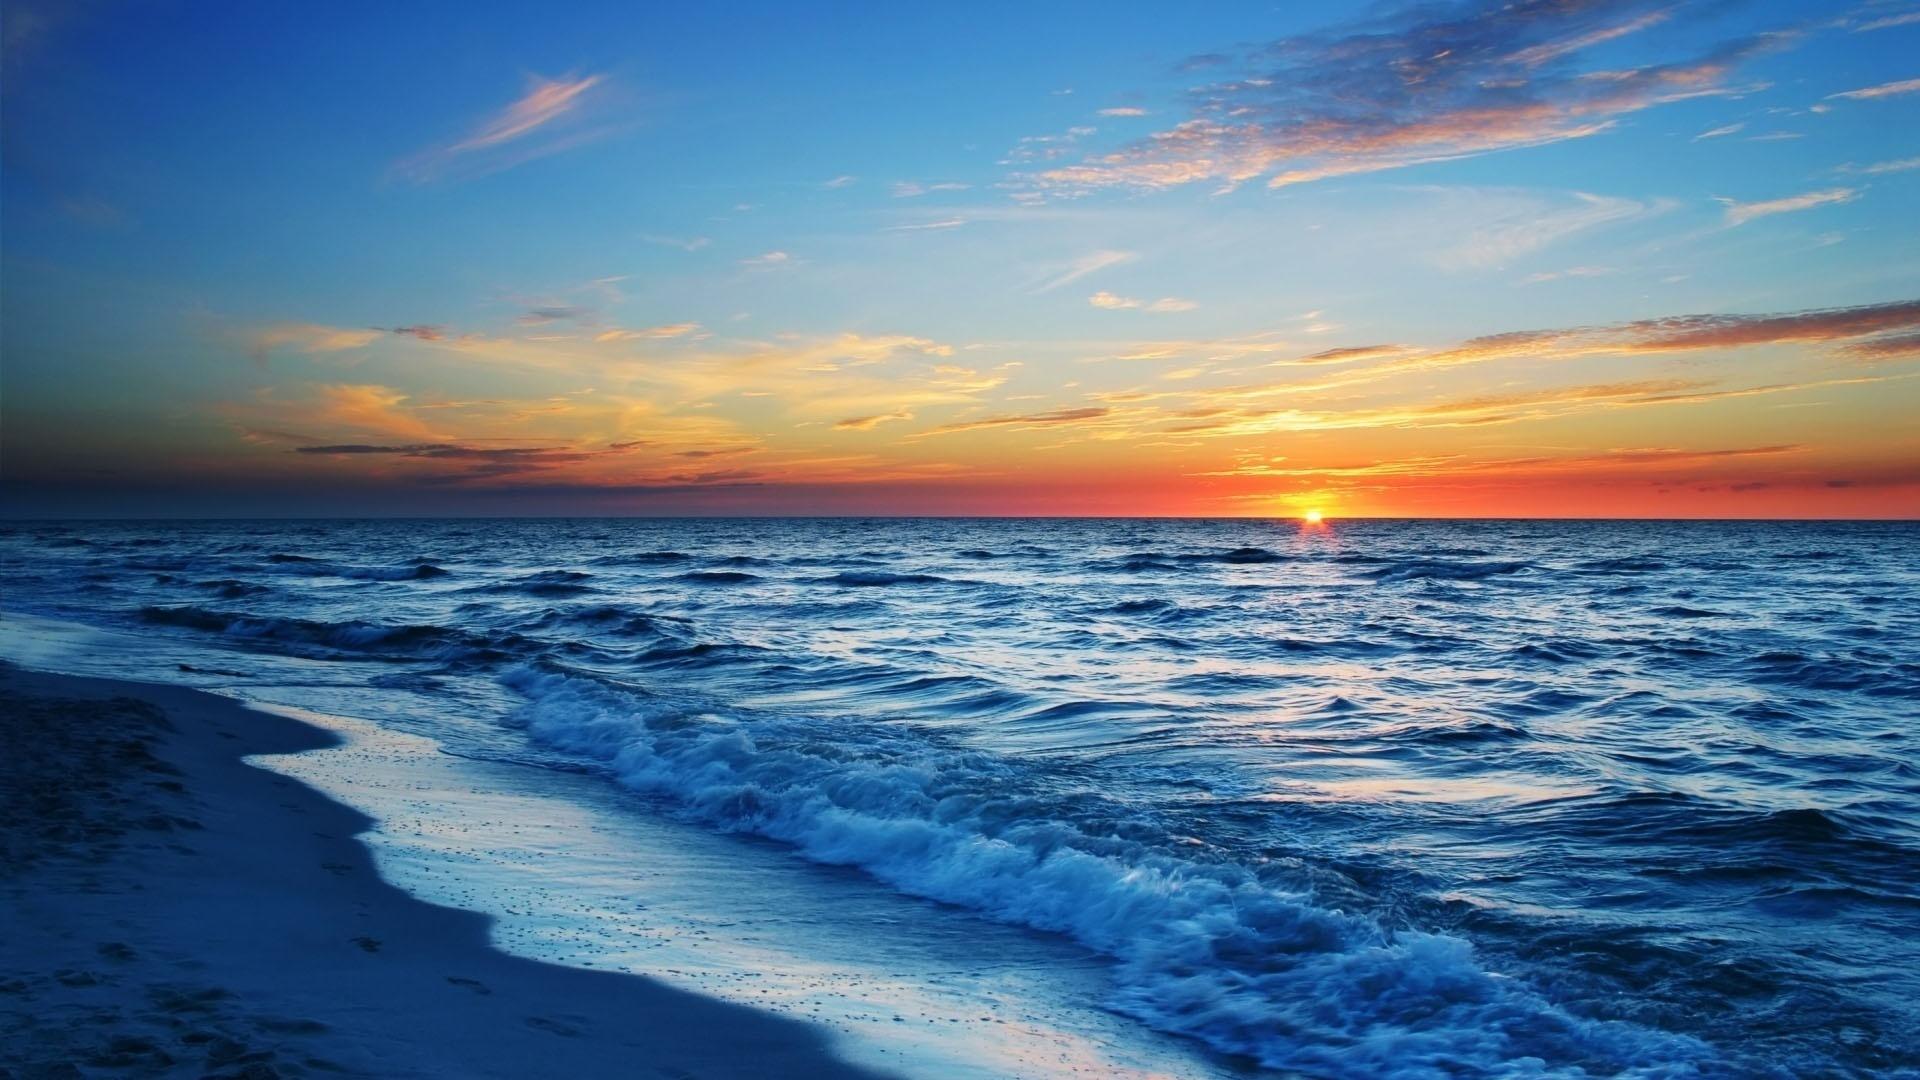 Auf den strand bei sonnenuntergang hintergrundbilder - 1920x1080